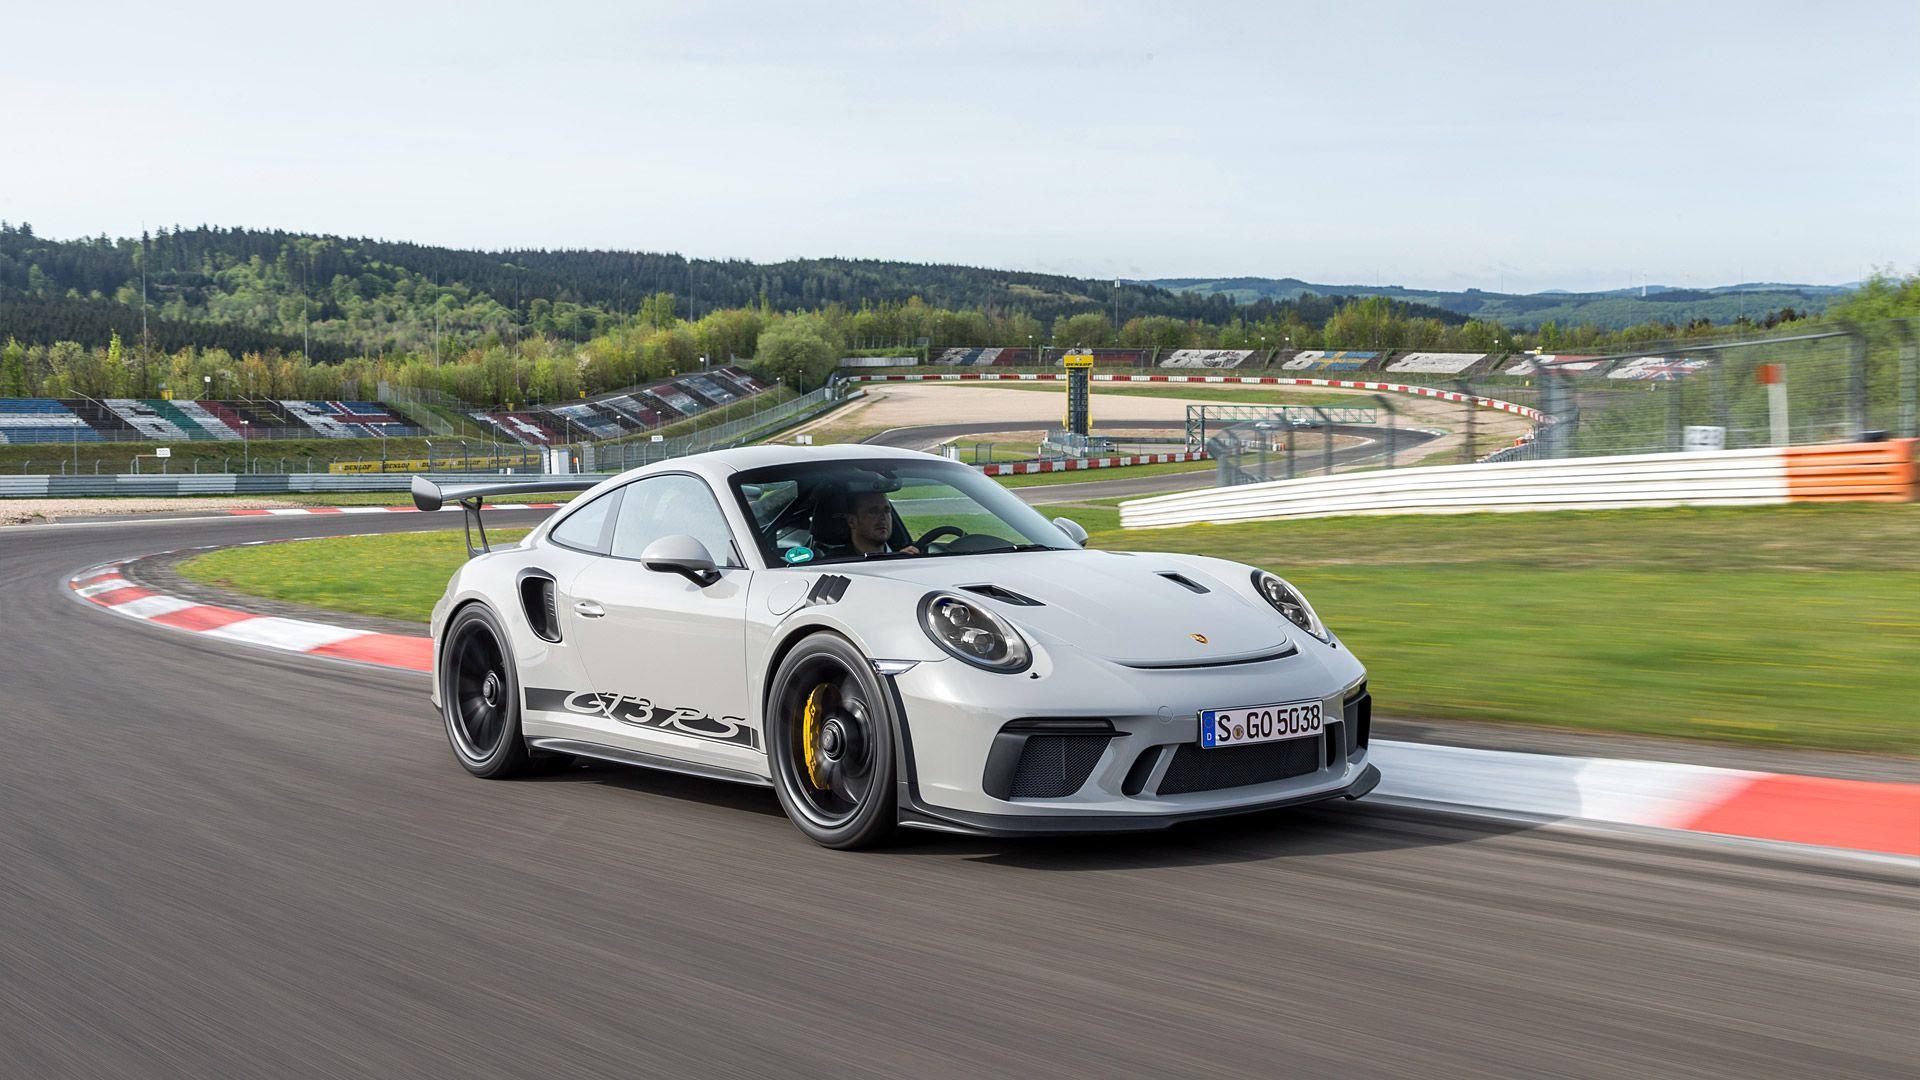 Porsche GT3 RS Wallpapers   Top Porsche GT3 RS Backgrounds 1920x1080